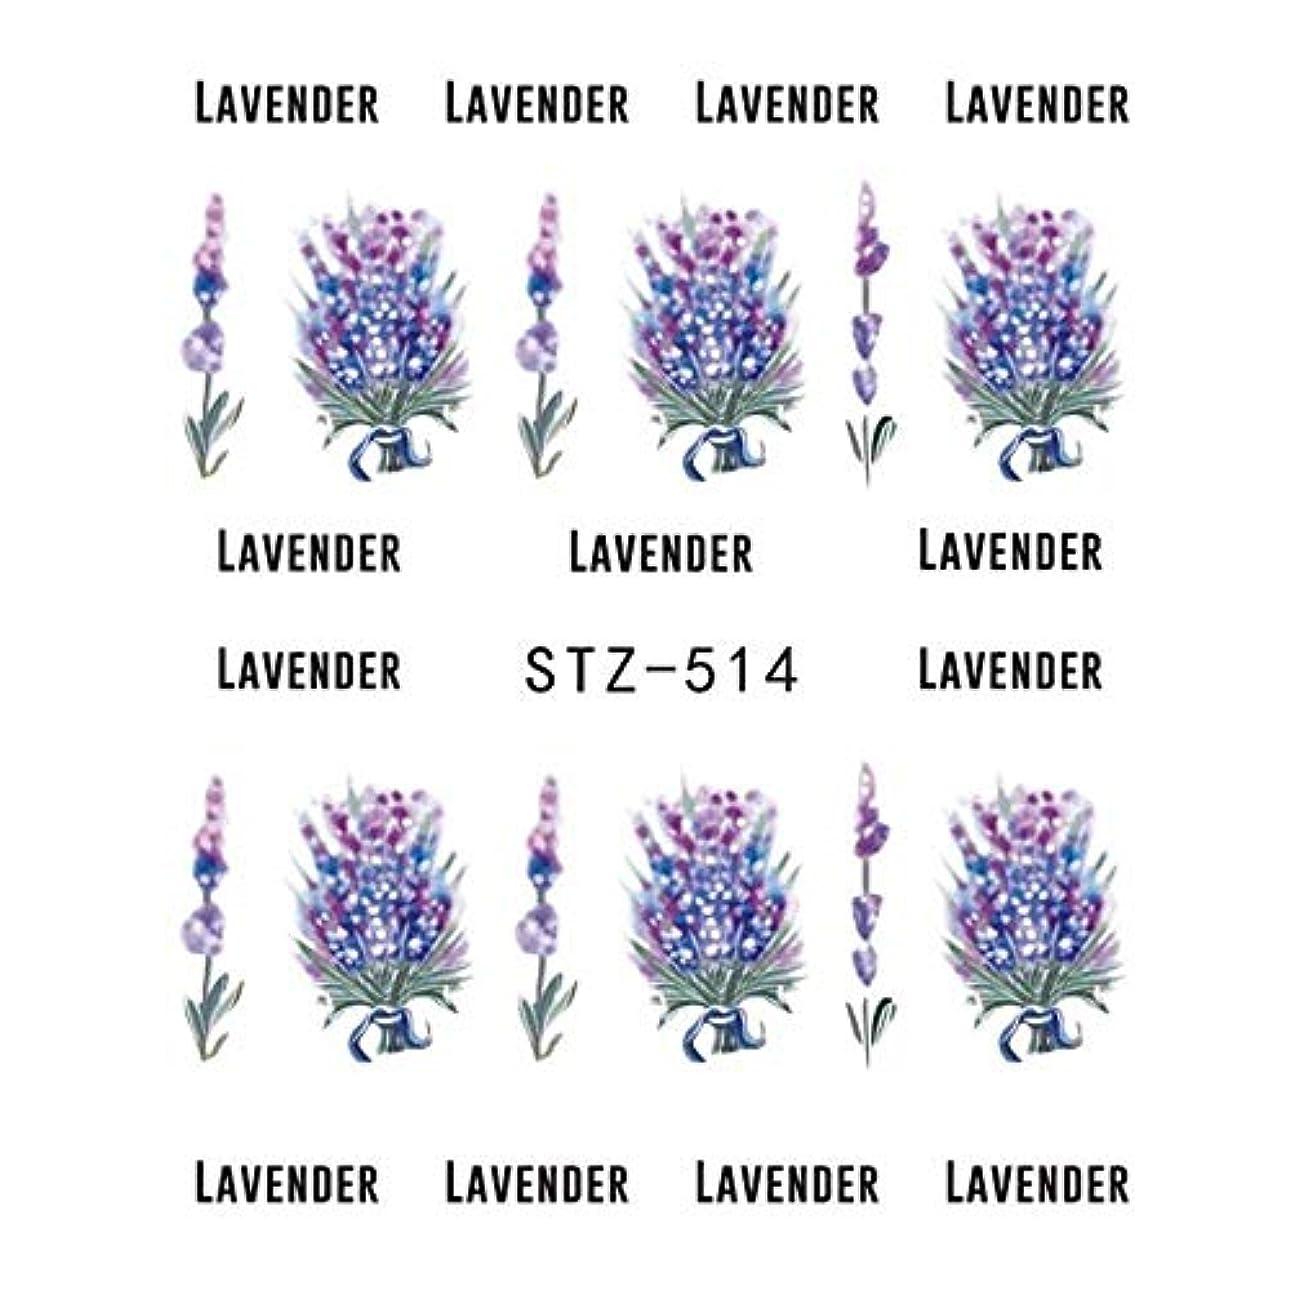 手伝う欺く広告SUKTI&XIAO ネイルステッカー ラベンダーブーケウォーターステッカーネイルアートデコレーション紫咲く花スライド美容ネイルデカール、Stz514